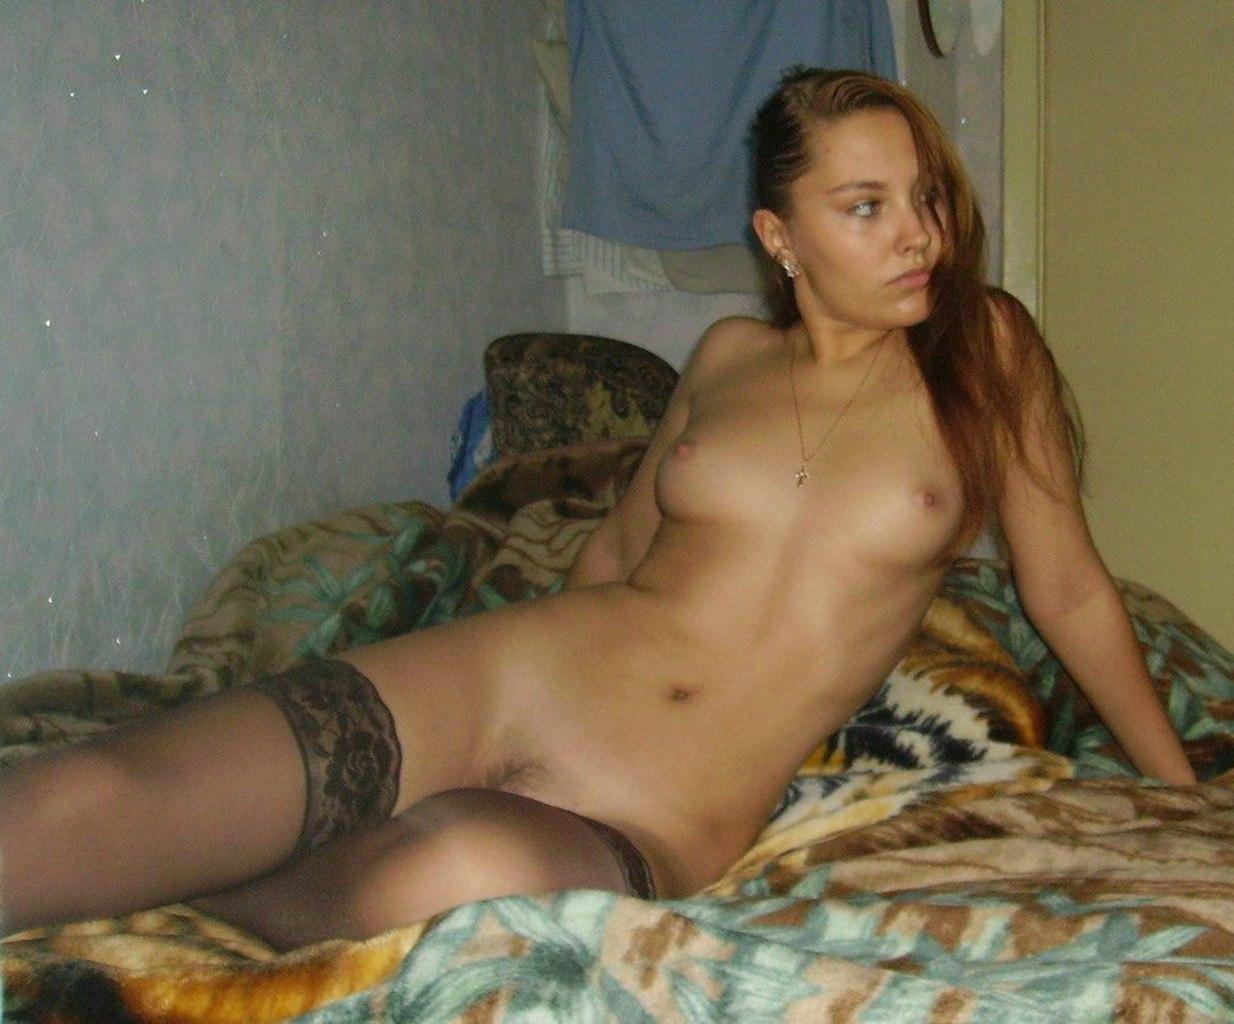 Секс как лучше сосать хуй смотреть бесплатно 21 фотография